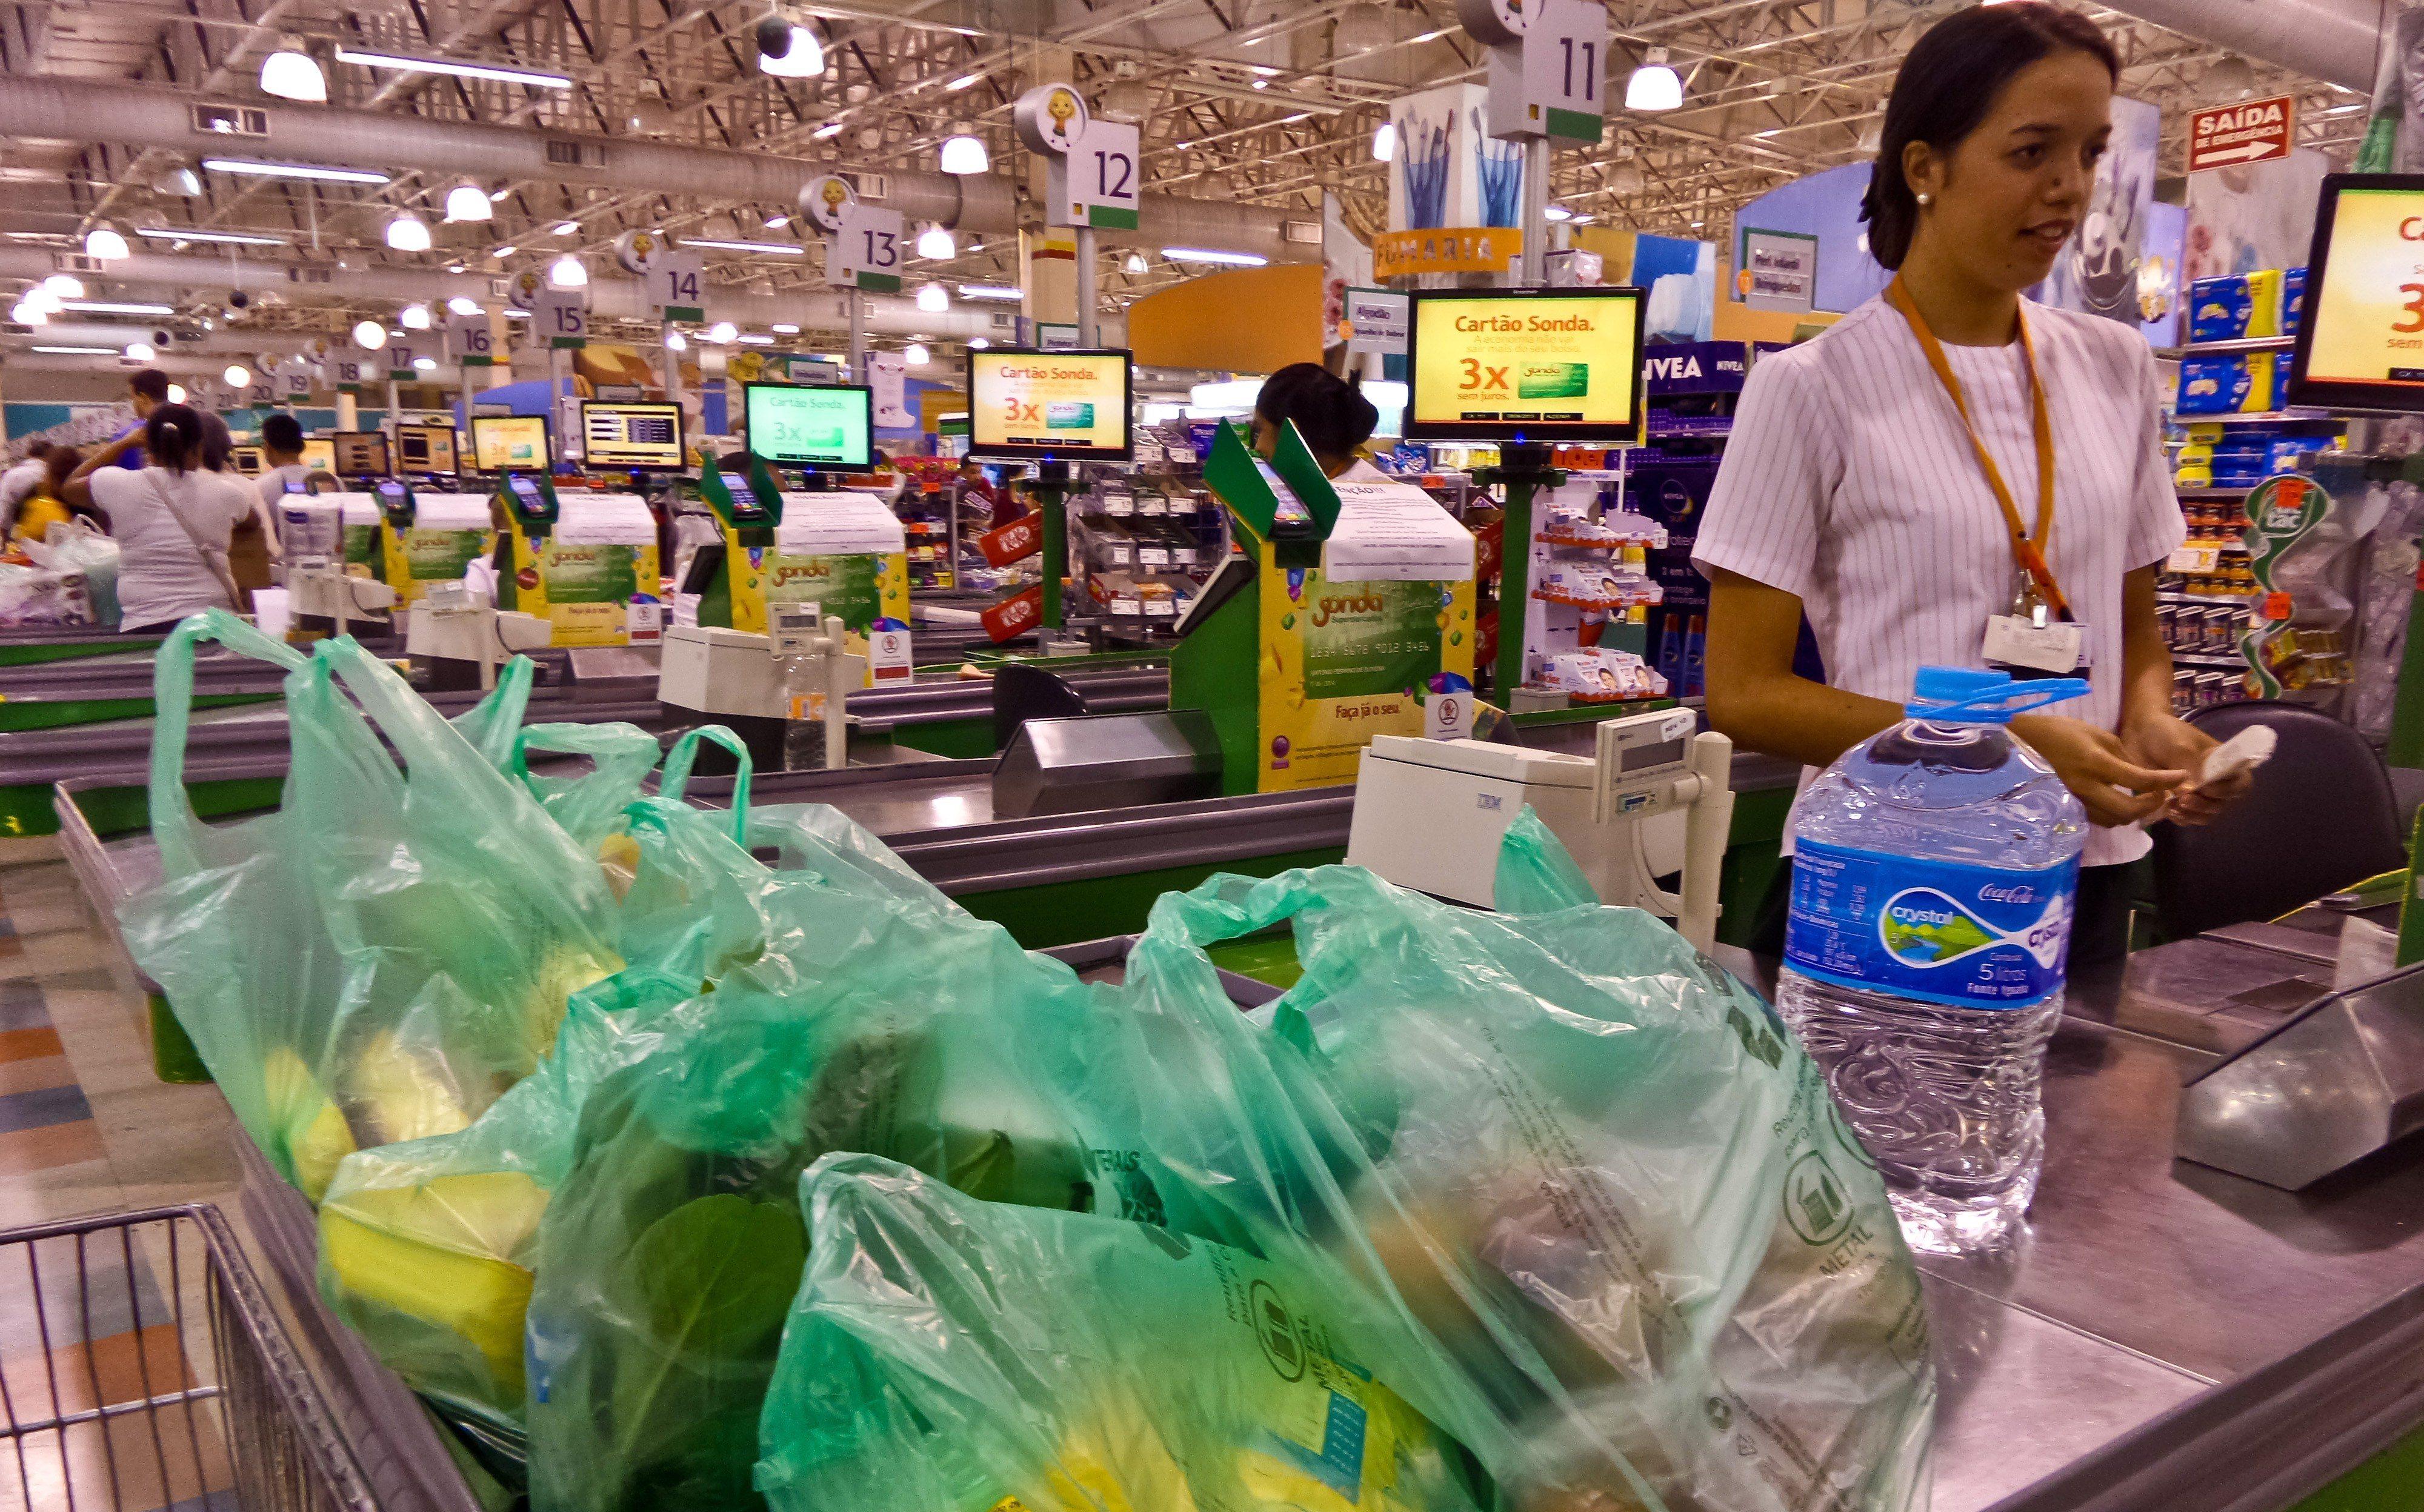 Sacolas plásticas feitas com resina de cana-de-açúcar em supermercado de São Paulo: material reciclável mas não-biodegradável deve ser usado em estabelecimentos do Rio (Foto: Rafael Neddermeyer/ Fotos Públicas)